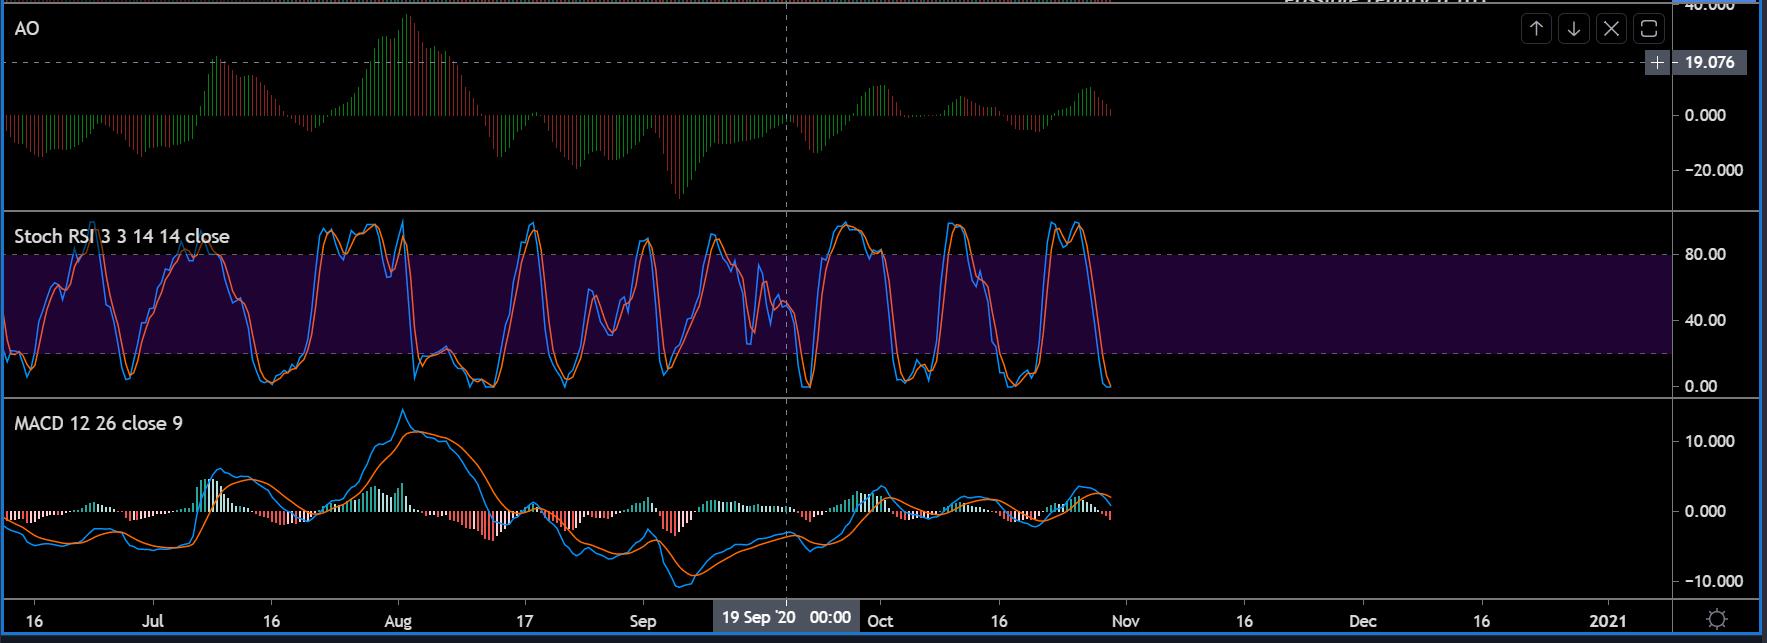 30 Ekim Bitcoin SV Fiyat Analizi: BSV'de Düşüş Tehlikesi 2 - 123